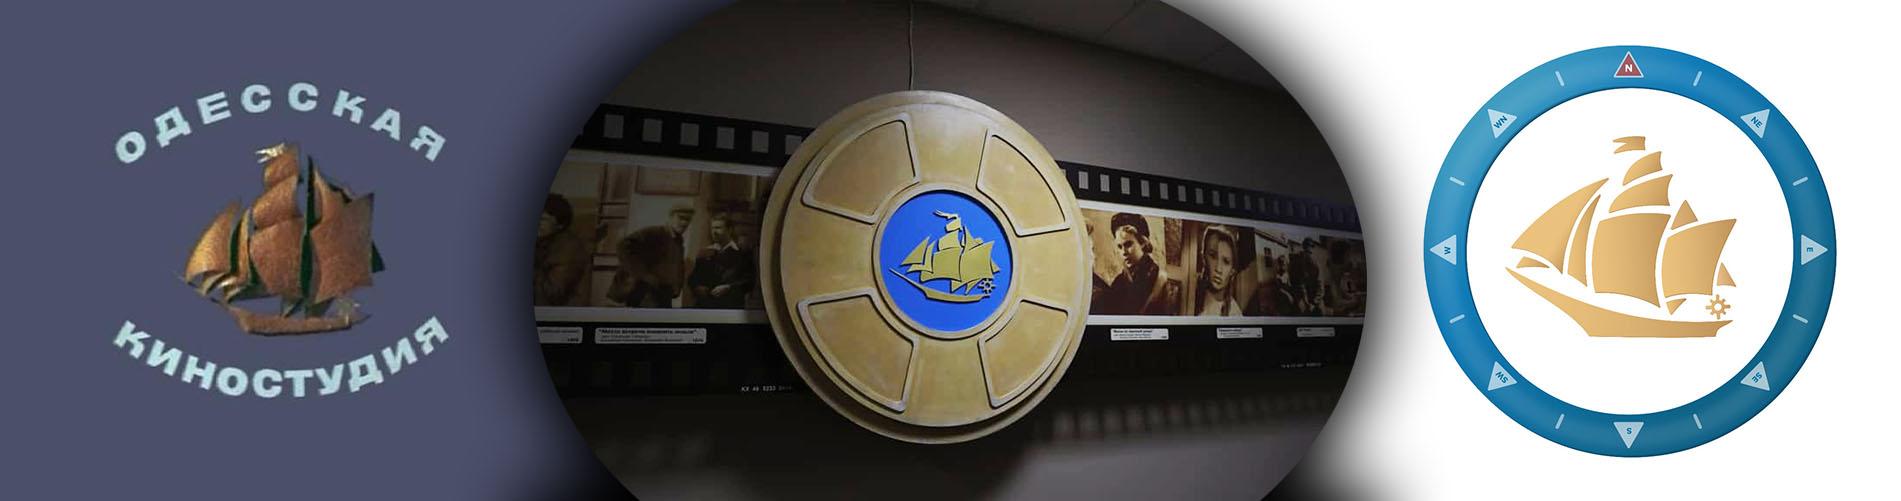 логотип Одесской киностудии